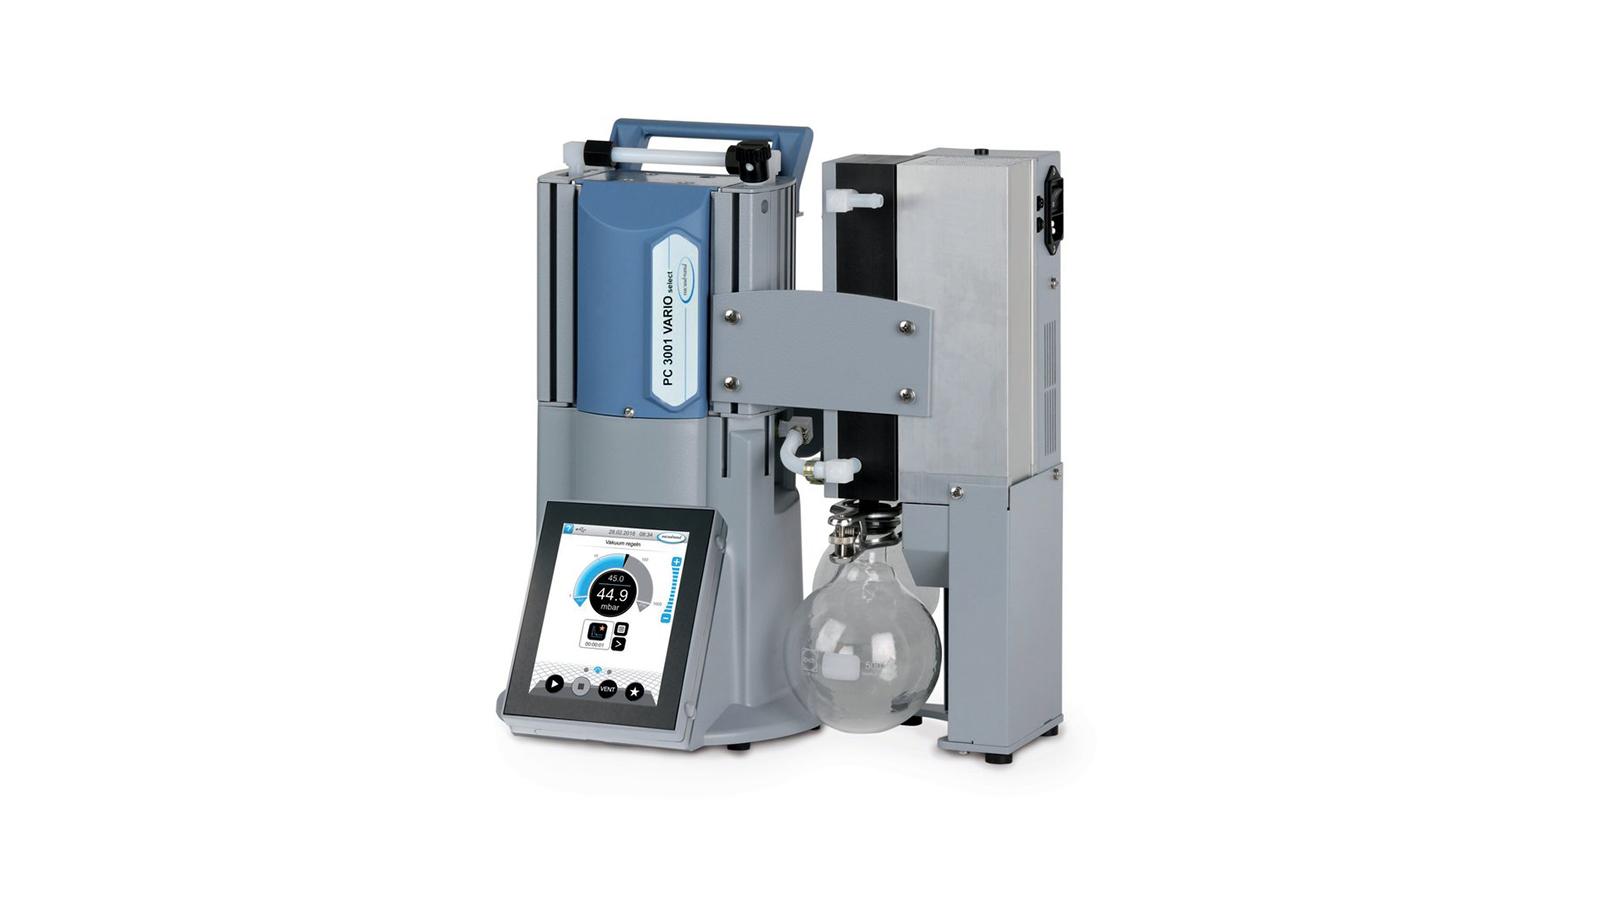 Vacuubrand PC 3001 VARIO select EK Peltronic Vakum Ünitesi || Merlab Laboratuvar Ekipmanları